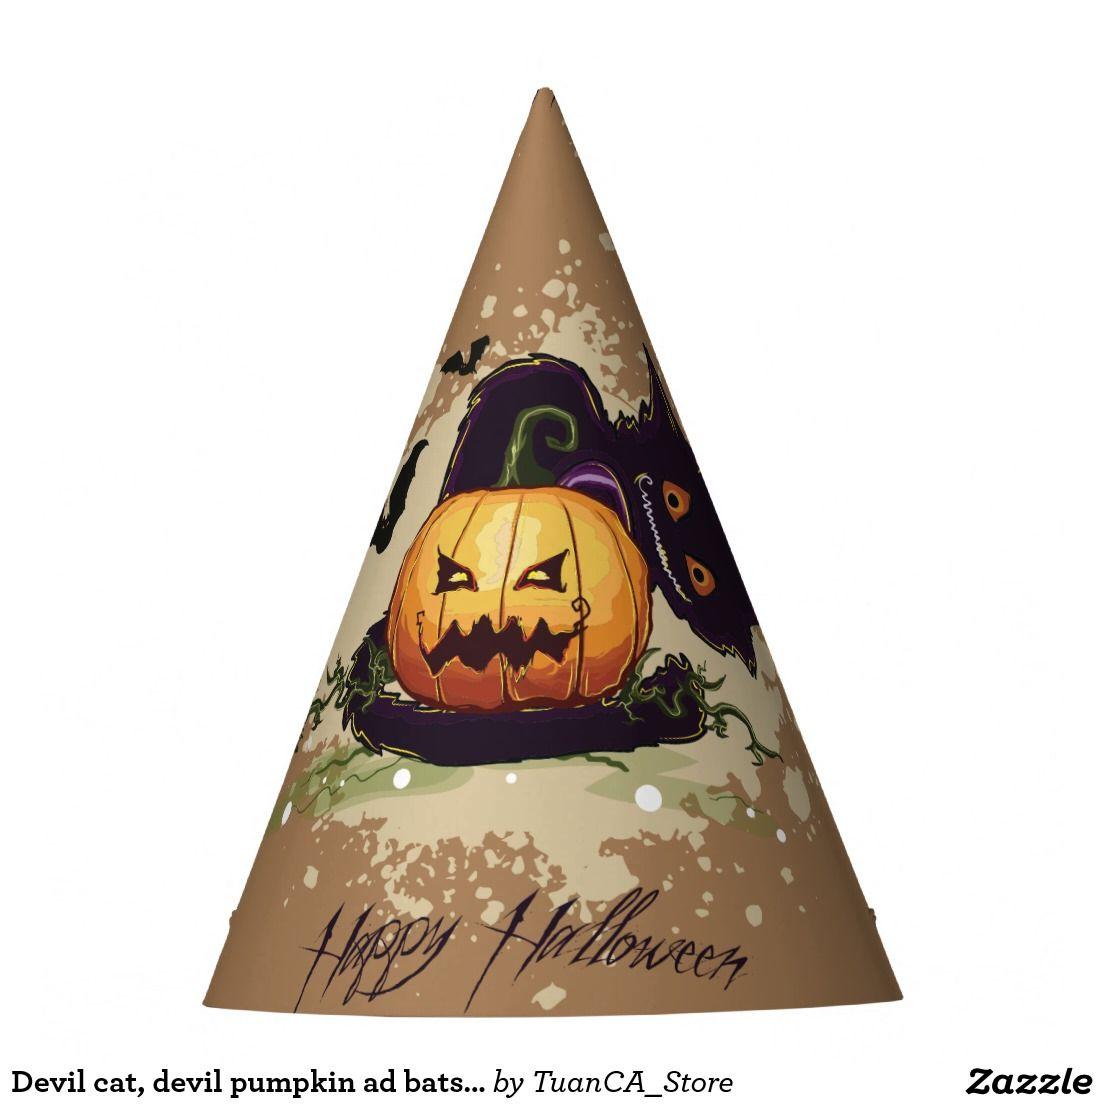 Devil cat, devil pumpkin ad bats Happy Halloween